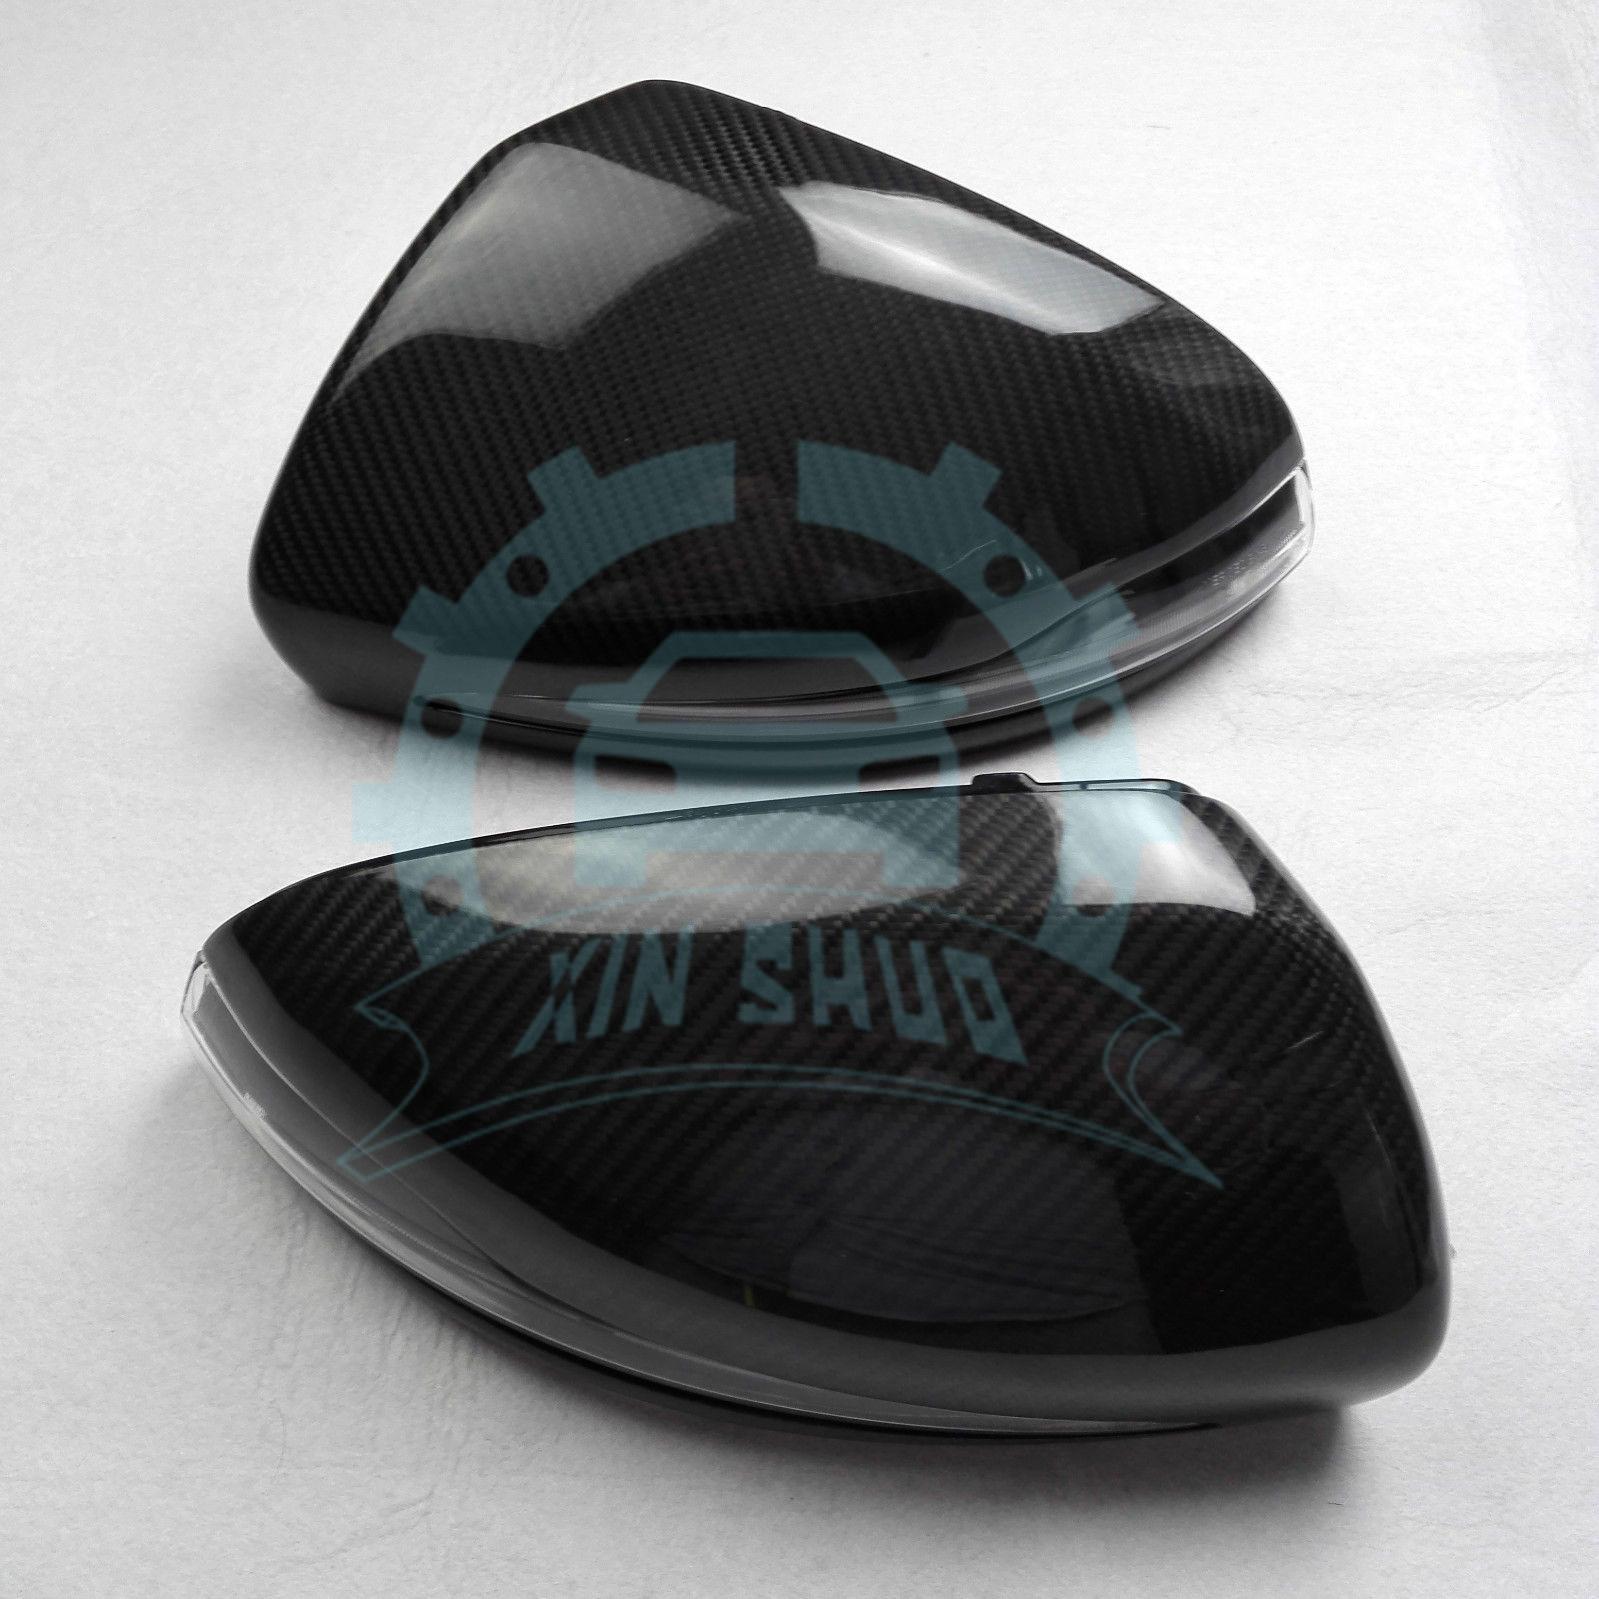 for Mercedes Benz AMG E63 E53 E43 car mirror cover carbon fiber Replacement XS